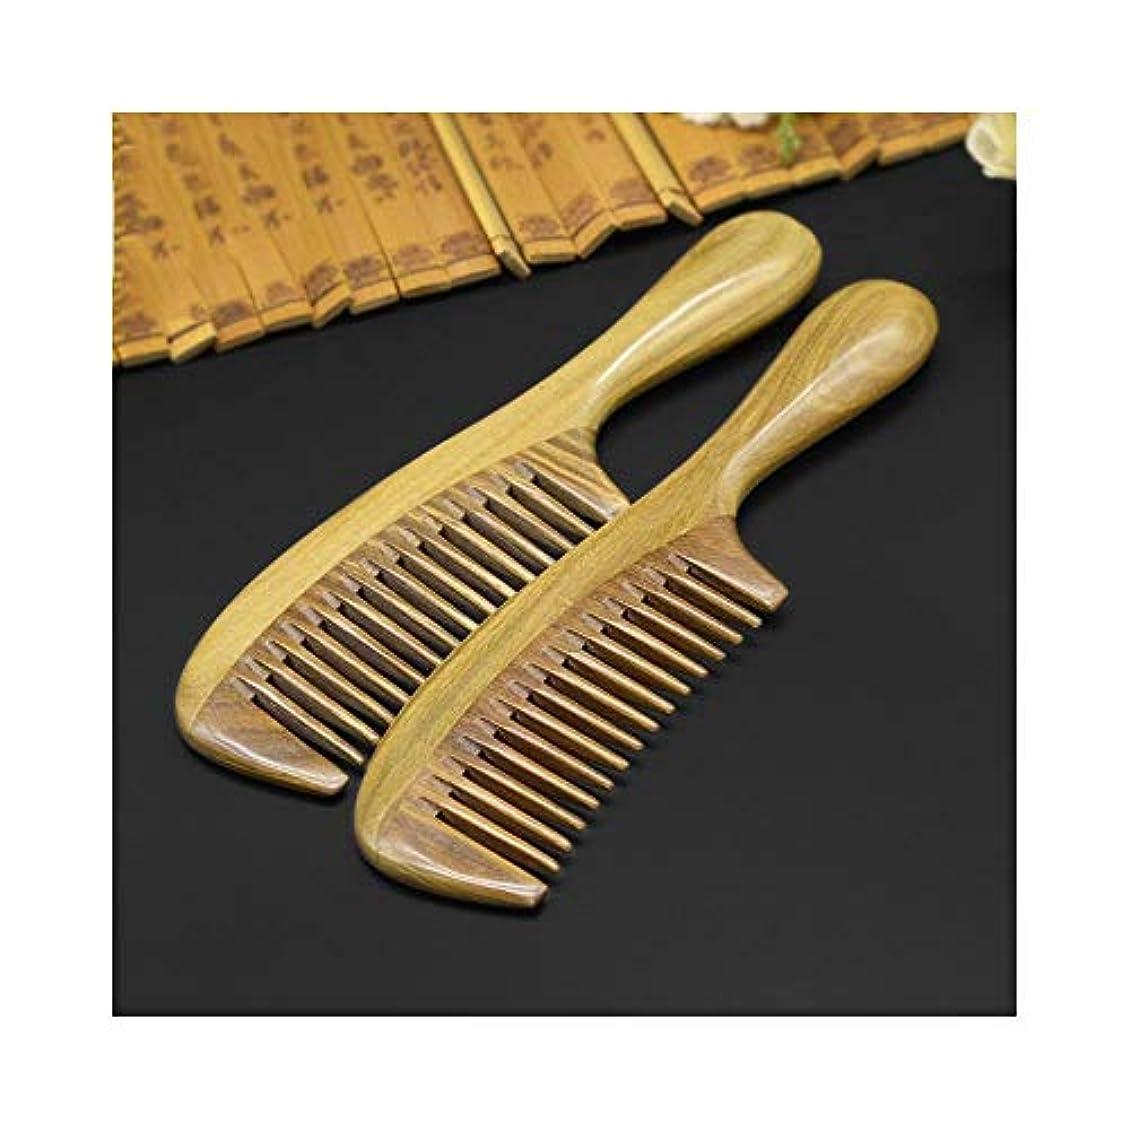 腐食するやむを得ない恒久的女性と男性のためにFashian帯電防止木製くしナチュラルグリーンサンダルウッドのくし ヘアケア (色 : 1876)